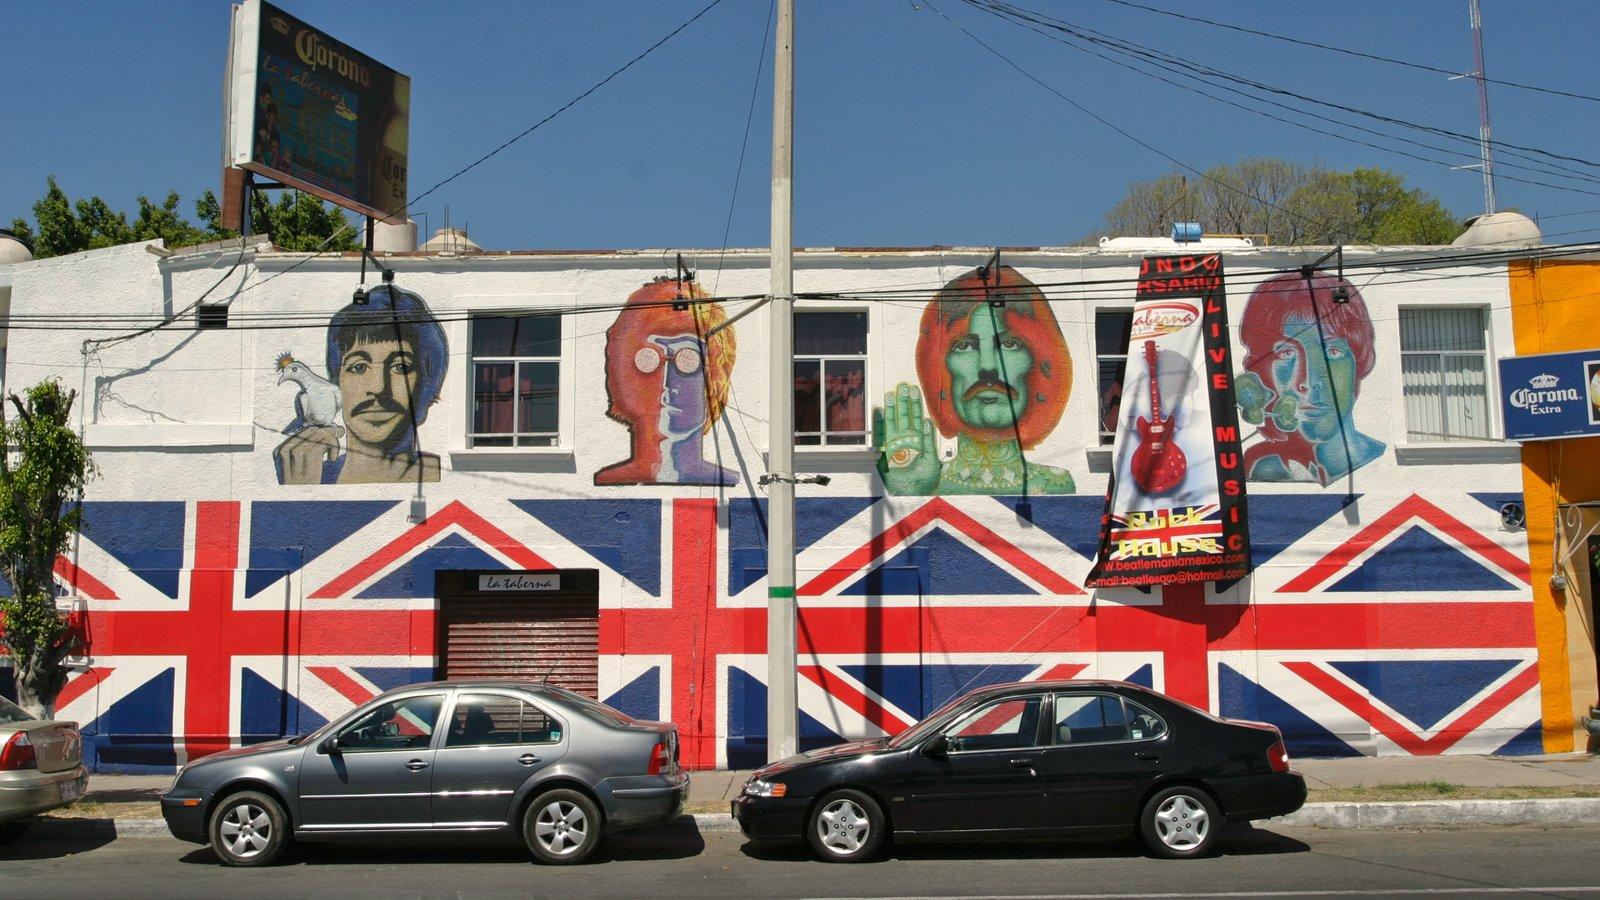 Queretaro caracterizando arte ao ar livre, uma cidade e arte